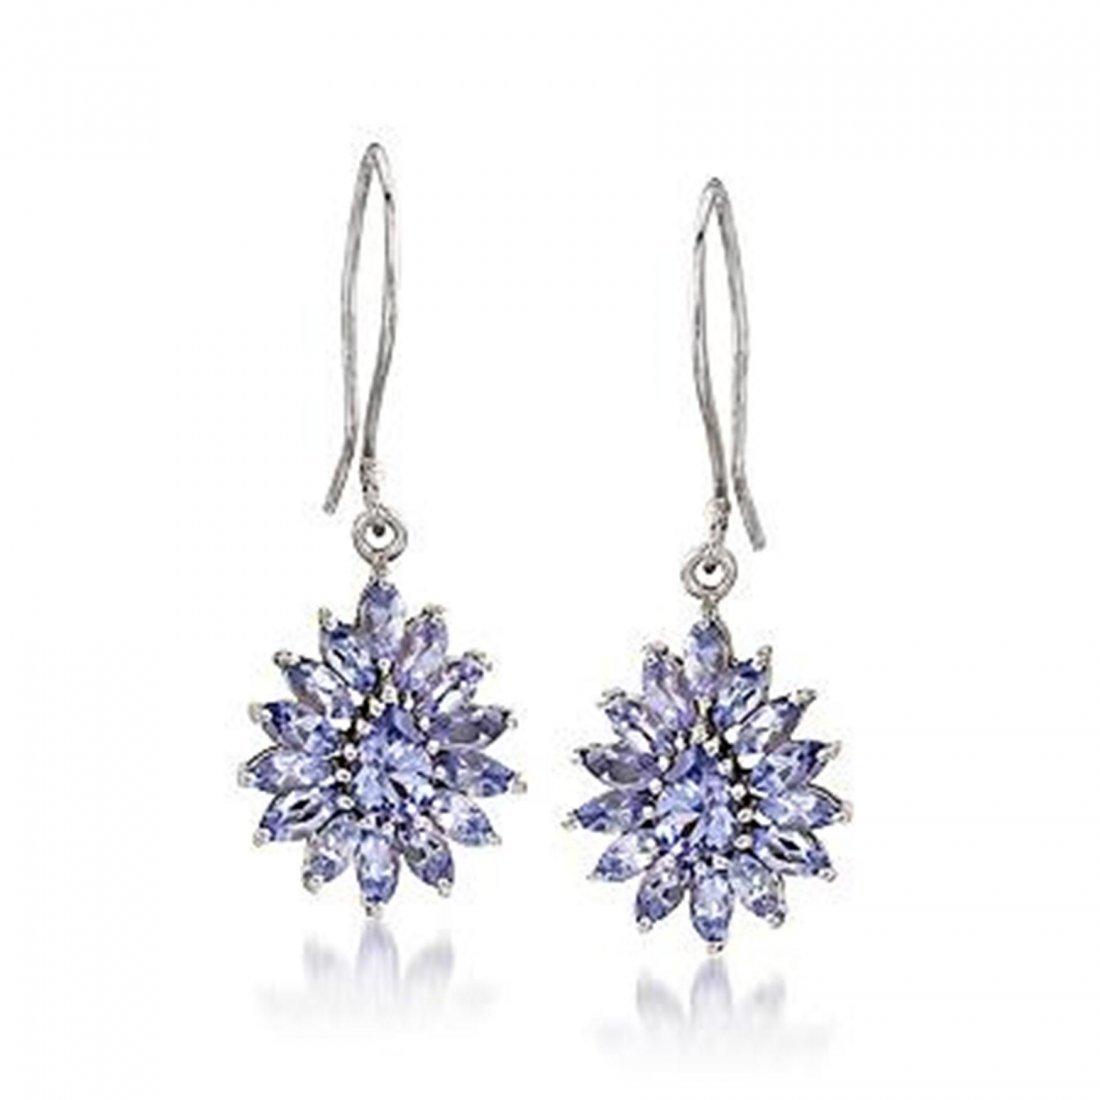 2.95 ct. t.w. Tanzanite Earrings in Sterling Silver